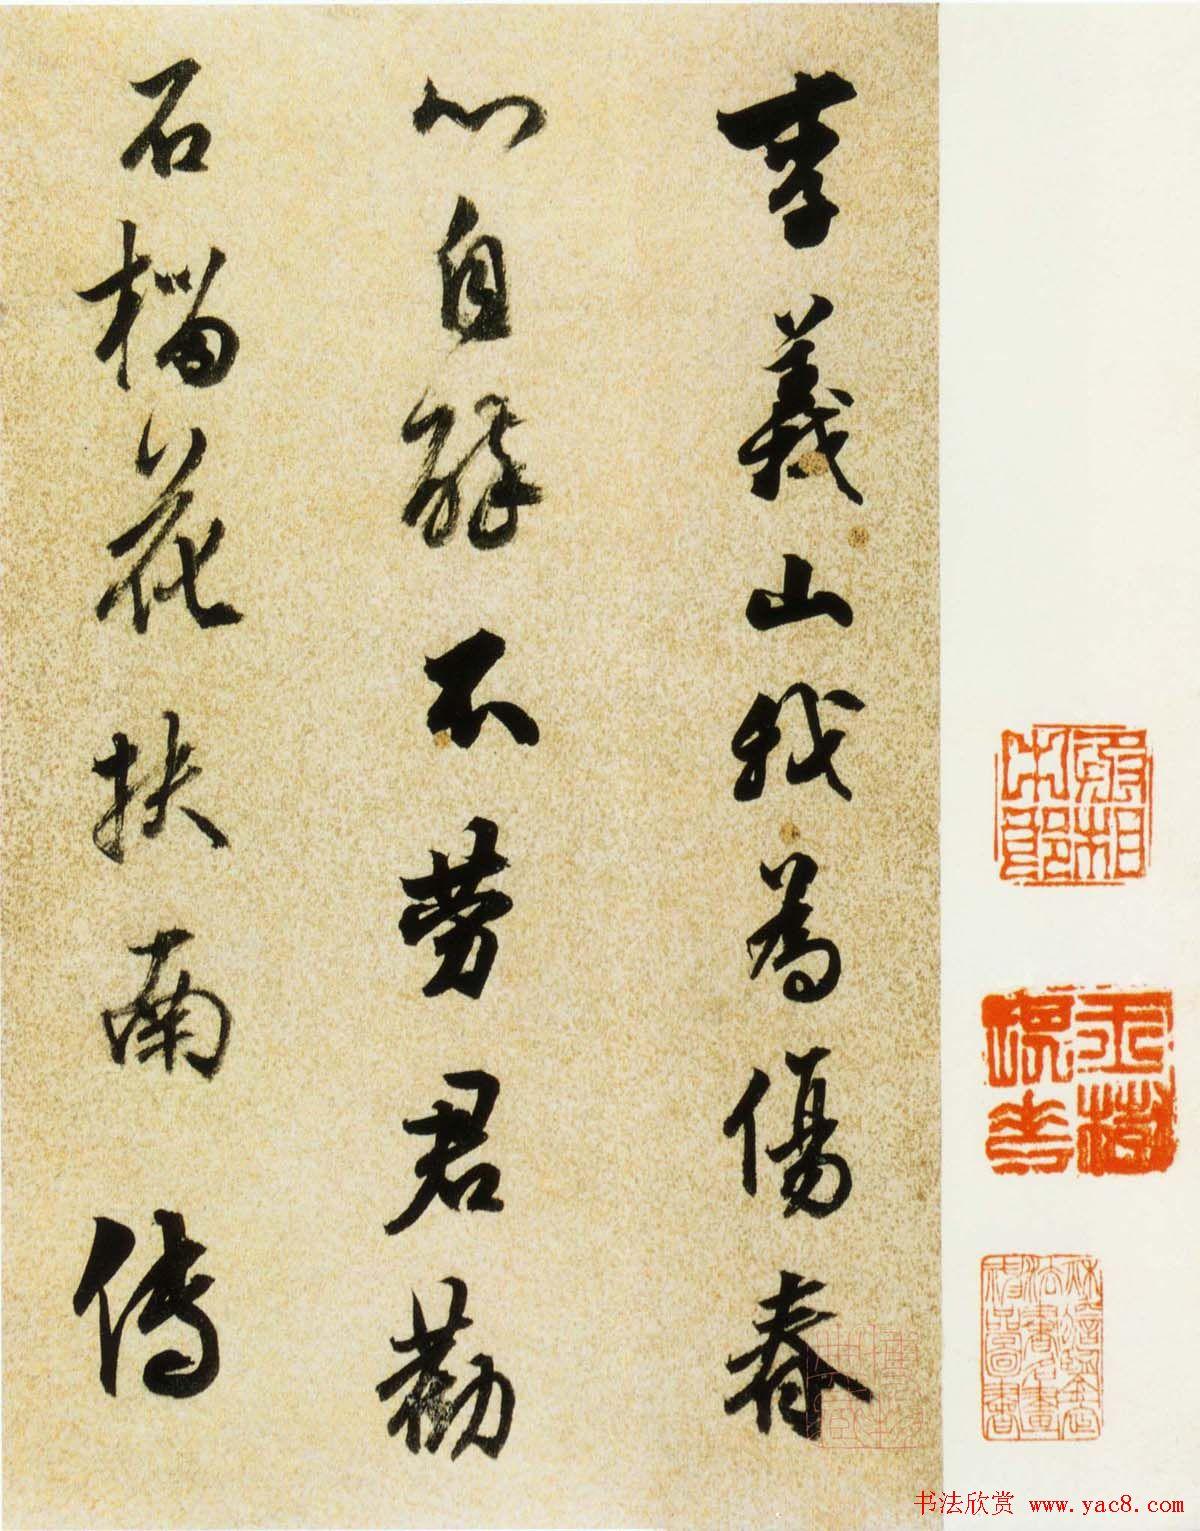 陈继儒行书欣赏《酒赋》高清书法图片